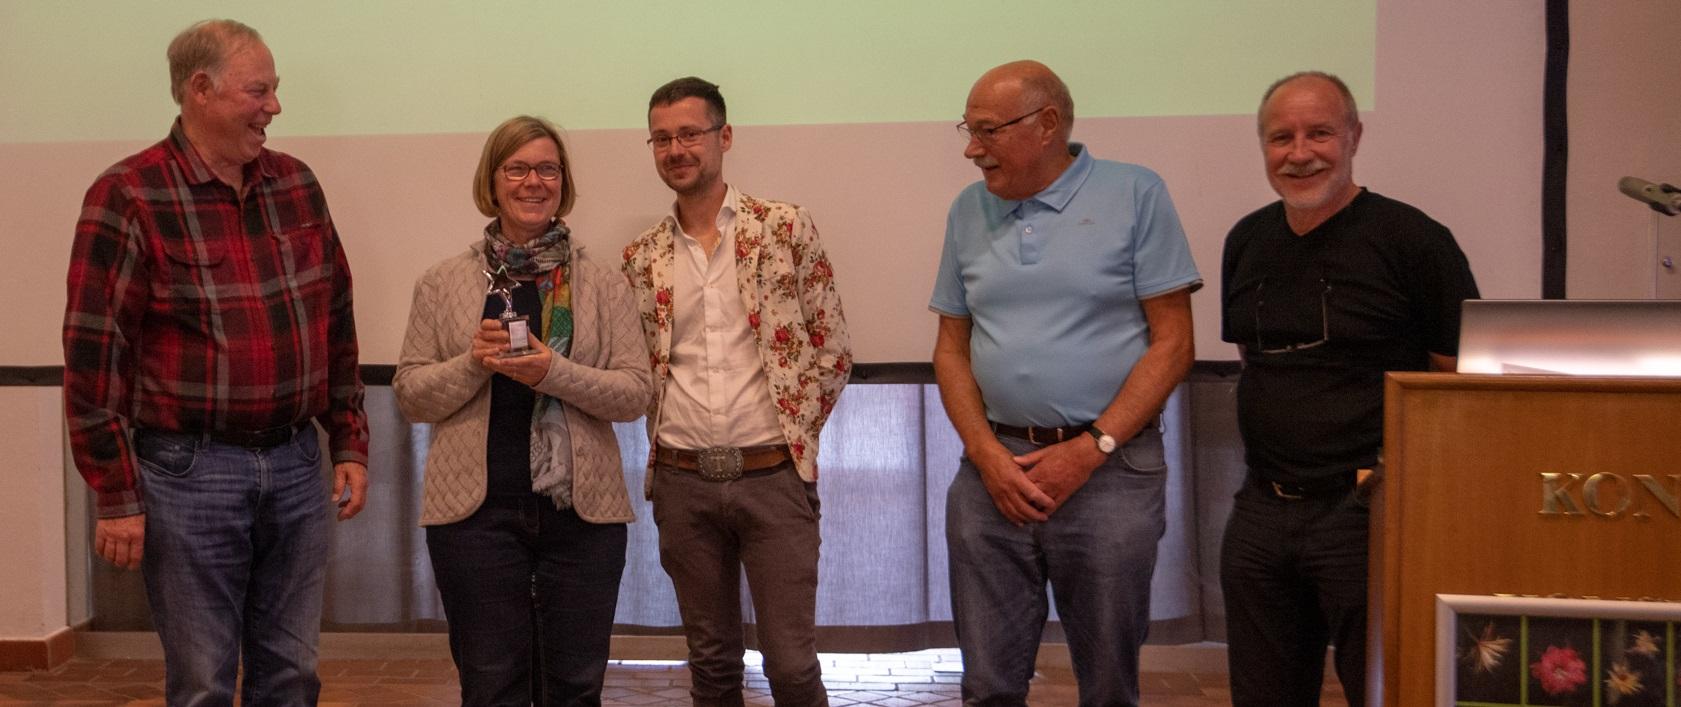 Dr. Rudi Dorsch übergab den Founder's Award namens der ESA stellvertretend für die EPIG an Kirsten Pfeiffer, Tobias Pfeil, Prof. Jochen Bockemühl und Edi Day (Foto: Lisa Day)